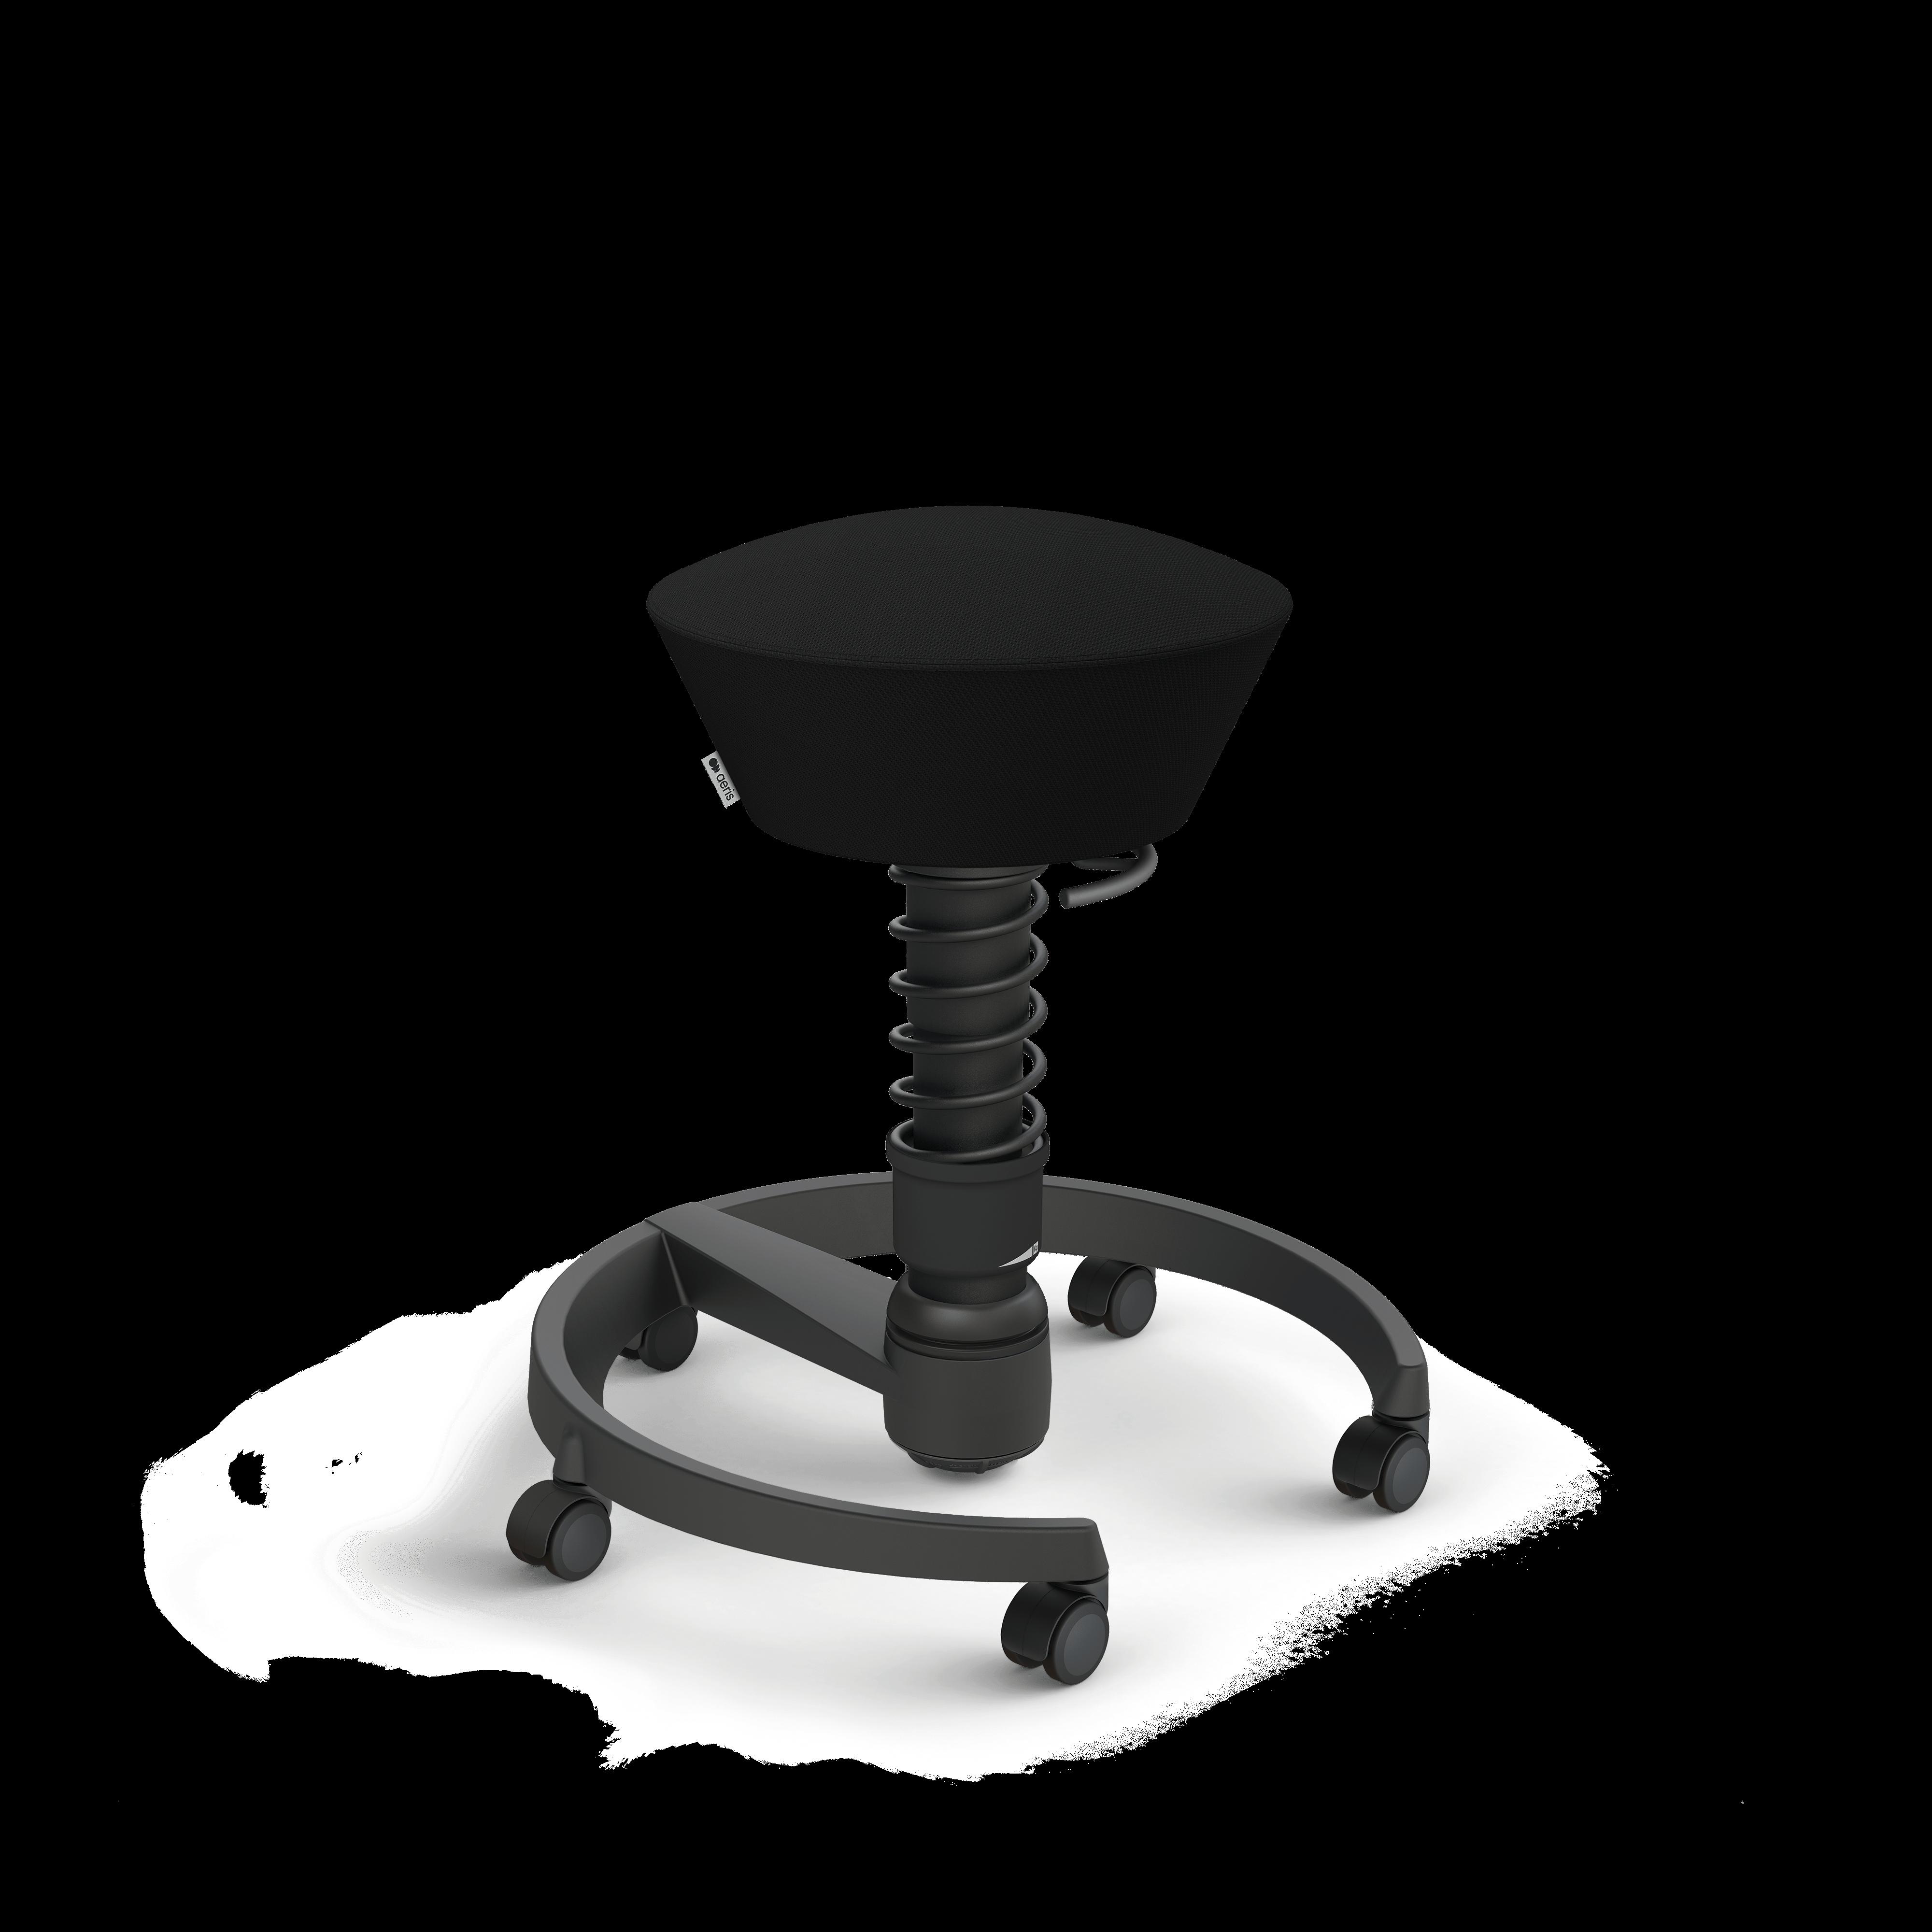 102 hb stbk bk se01 aeris swopper castors hard floor standard black black select black 01